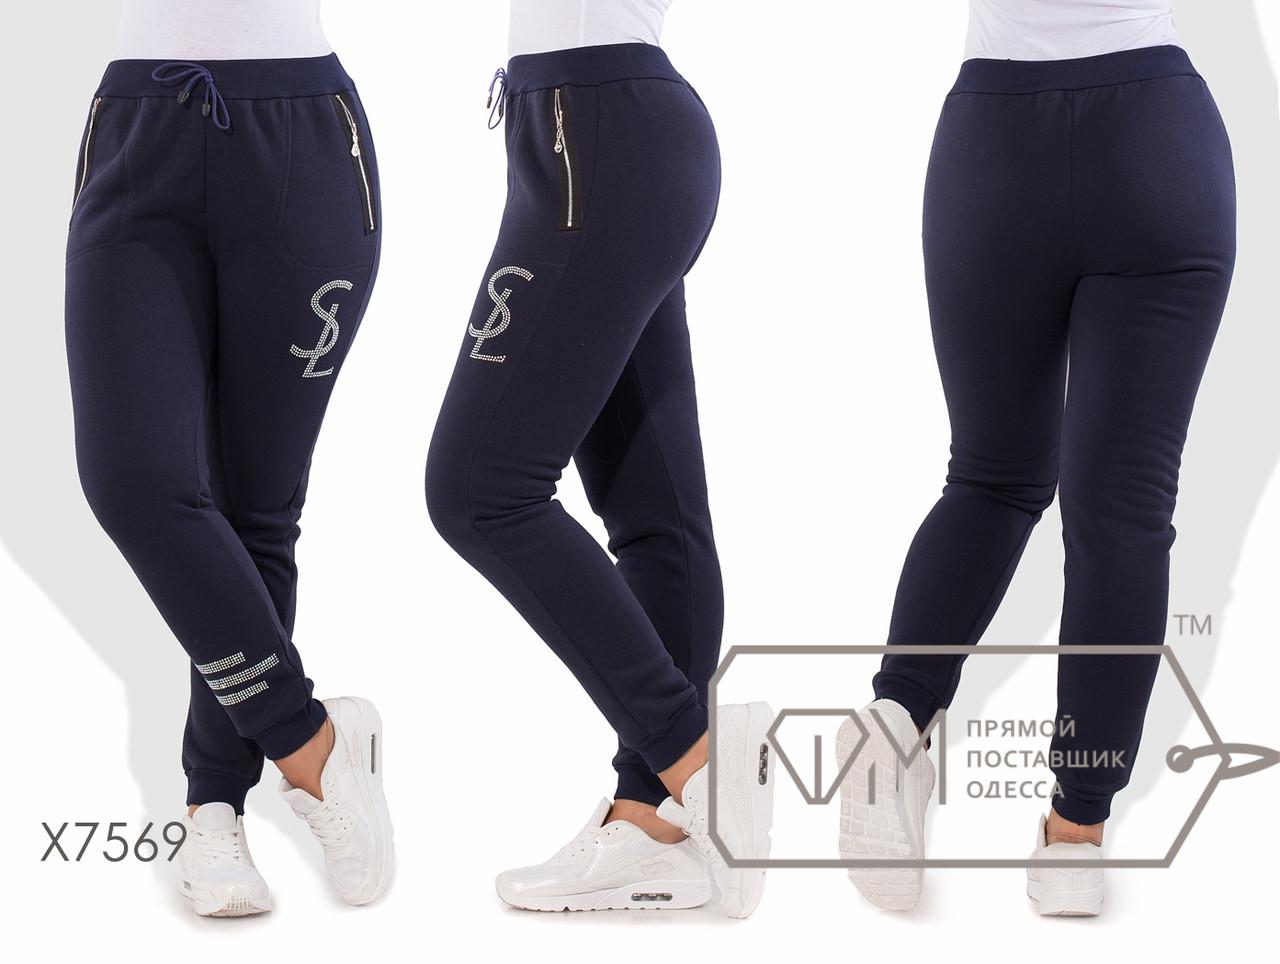 Спортивные штаны из трикотажа на флисе с манжетами, карманами-карго на молниях и логотипом с полосами из страз X7569